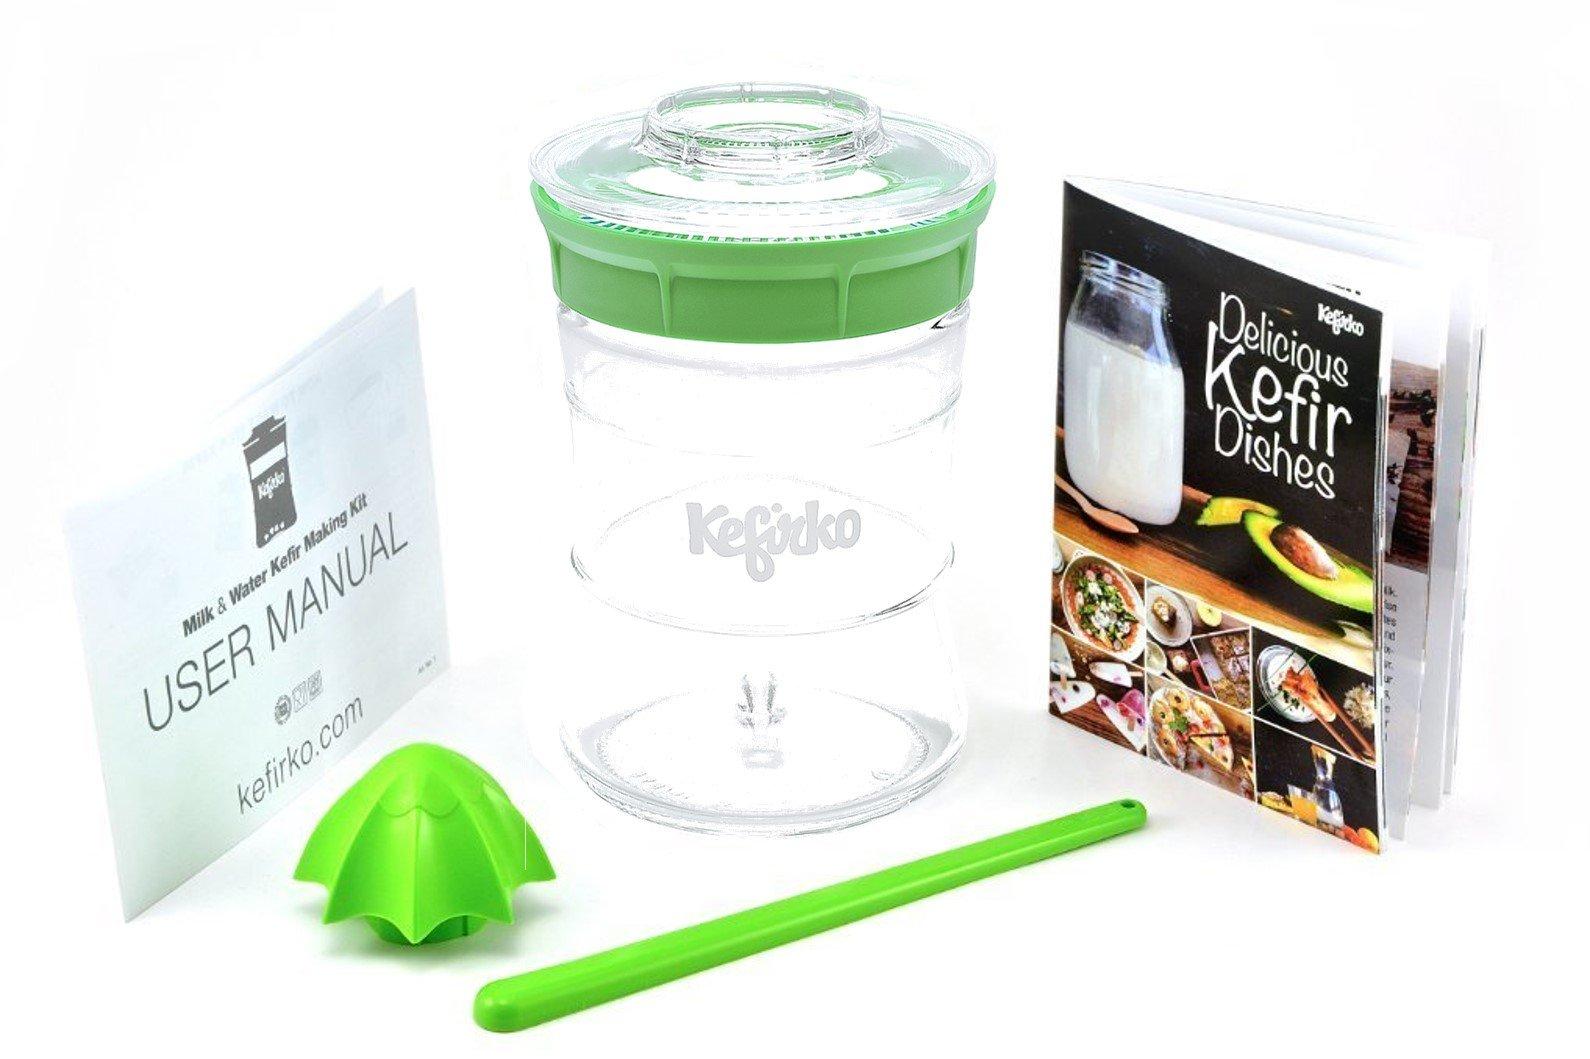 KEFIRKO - Kefir Fermenter Kit - Easily Brew your own Milk Kefir and Water Kefir - Green